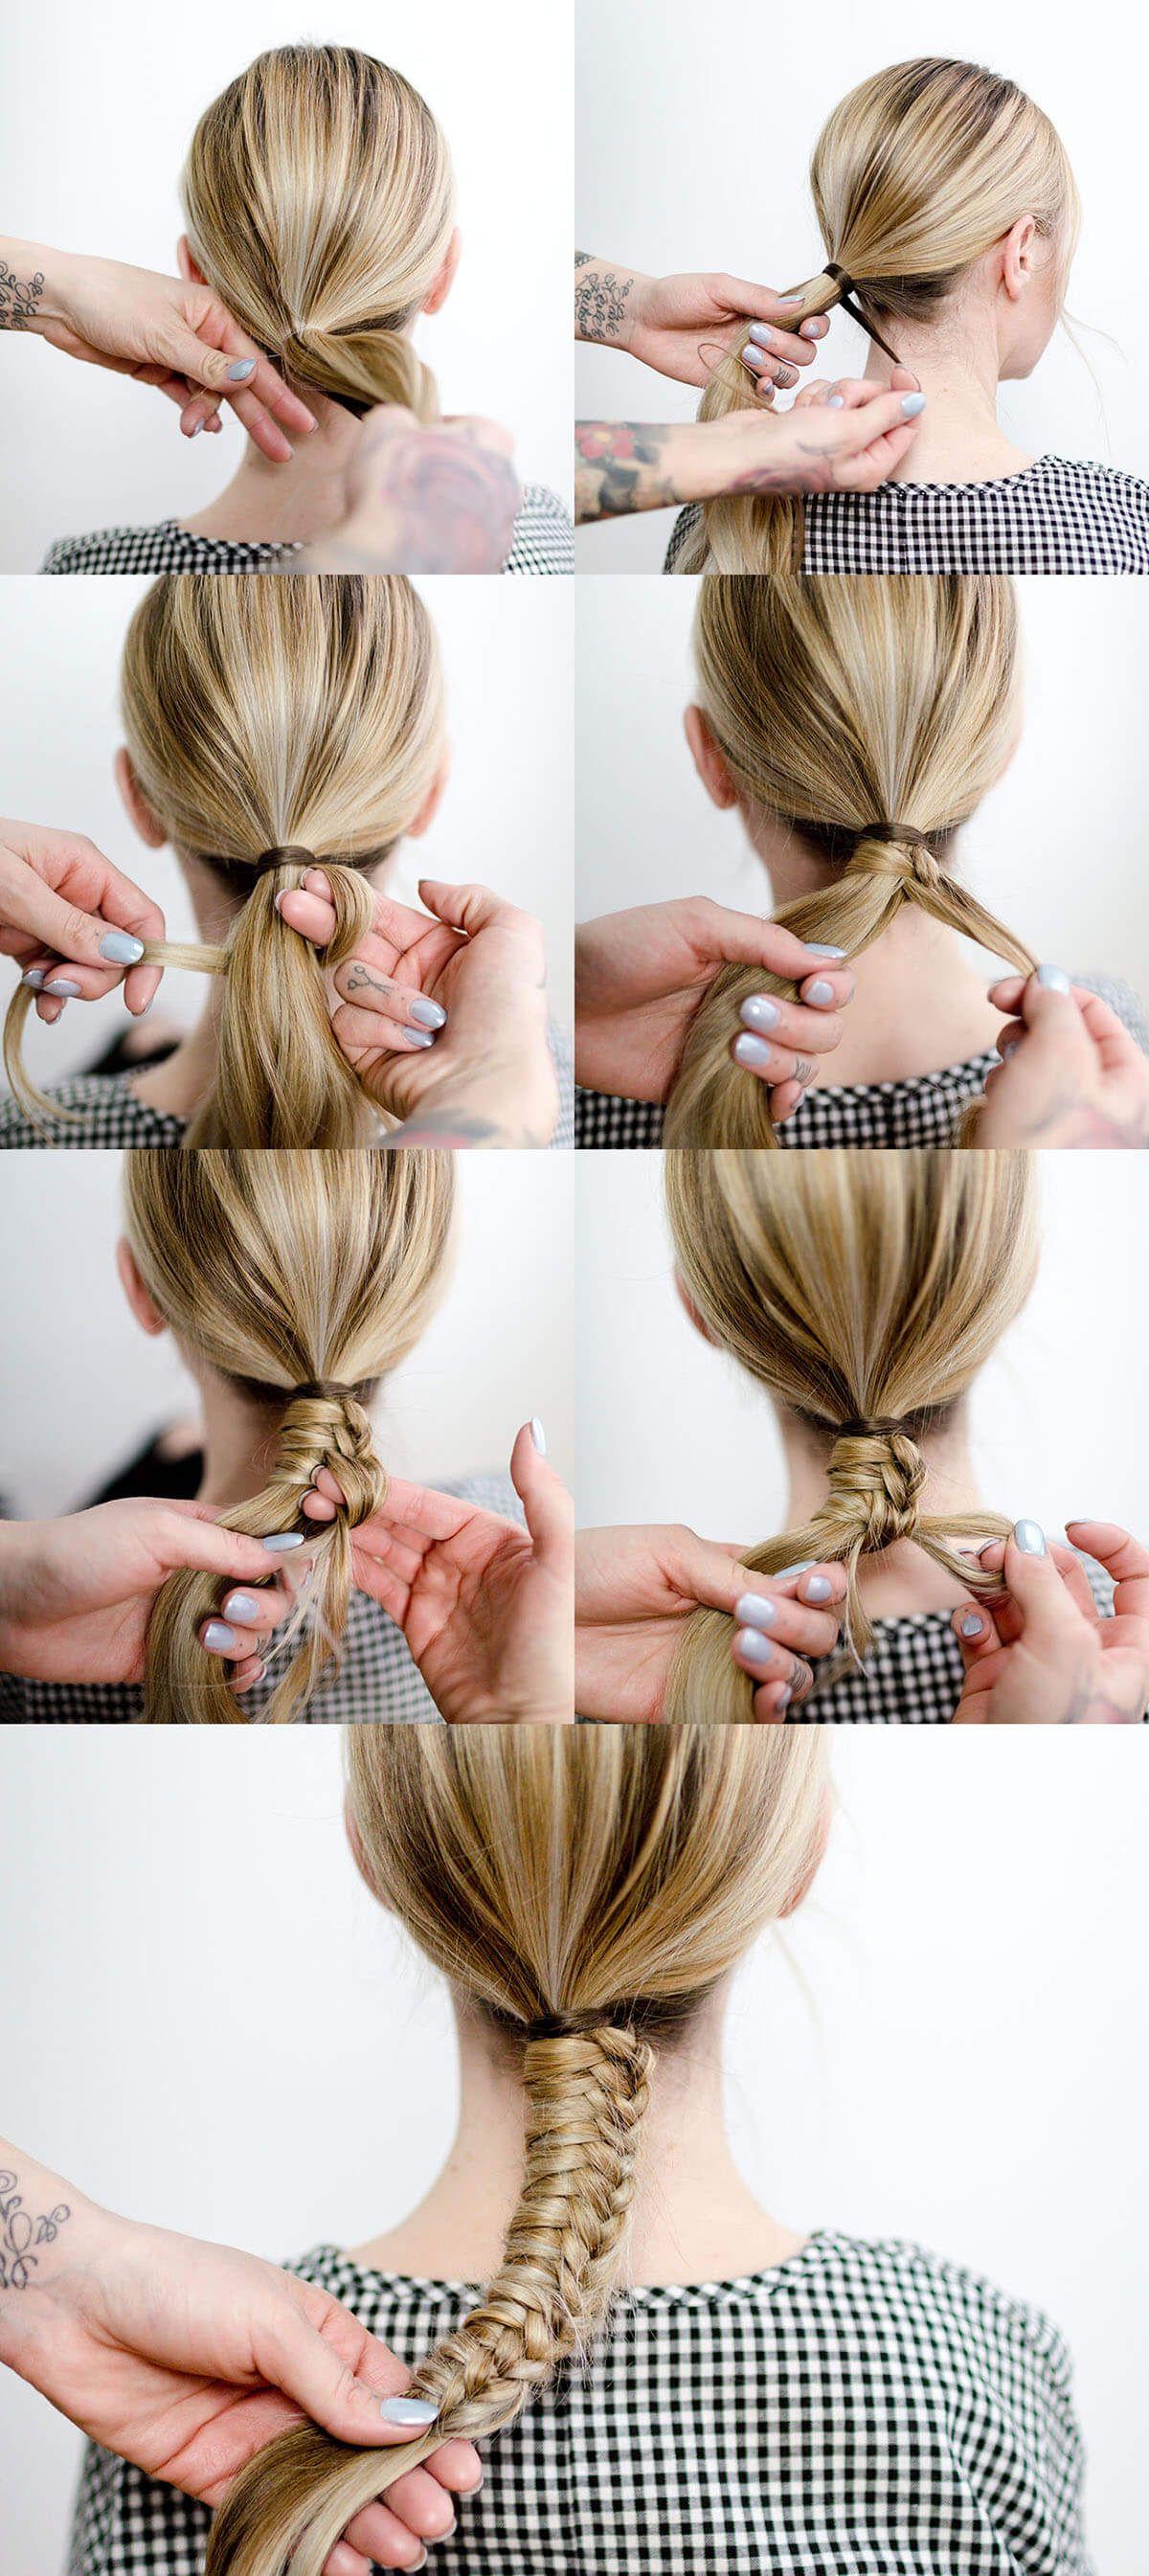 Easy Staircase Braid  Frisuren, Zopffrisuren, Haarschnitt ideen